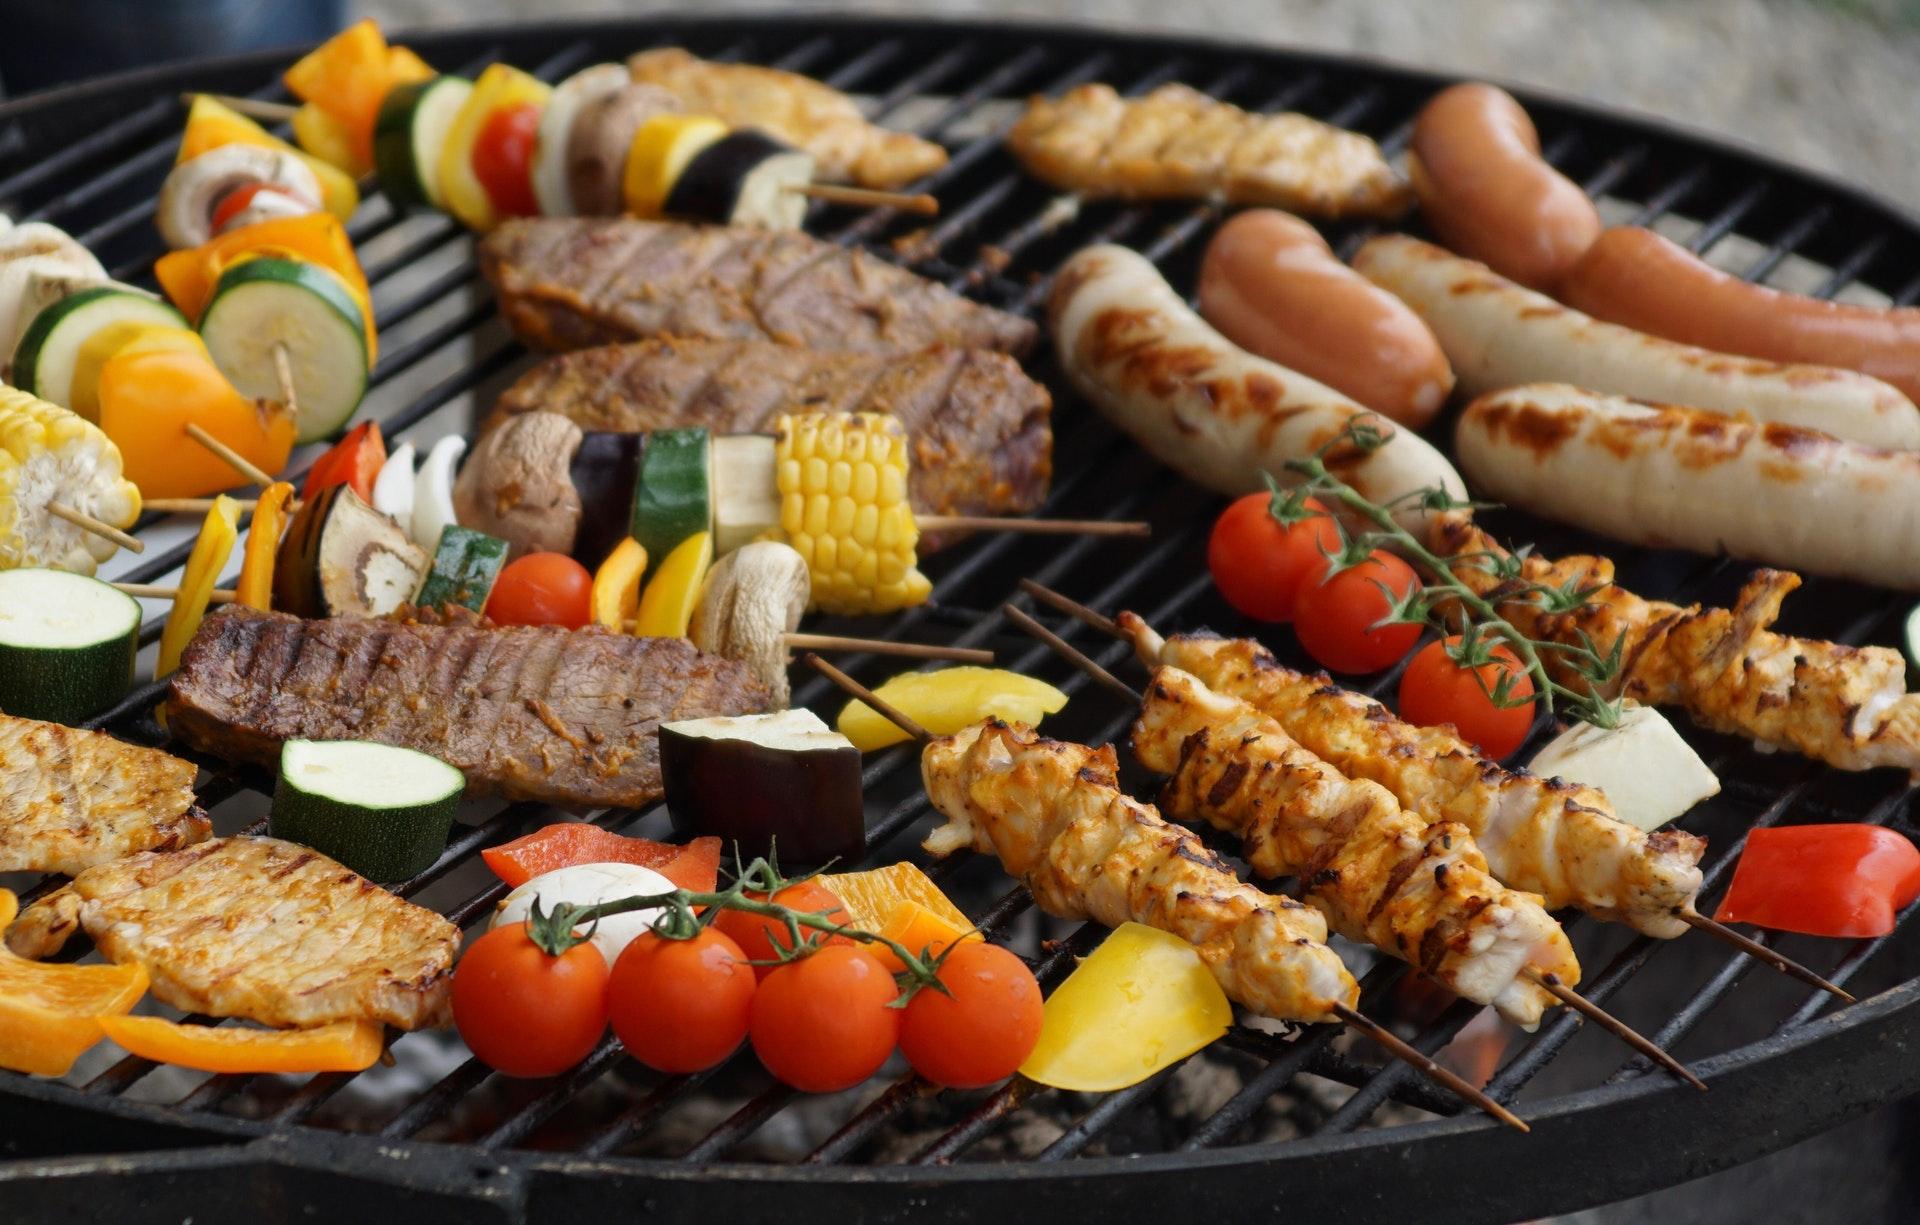 a pan full of food